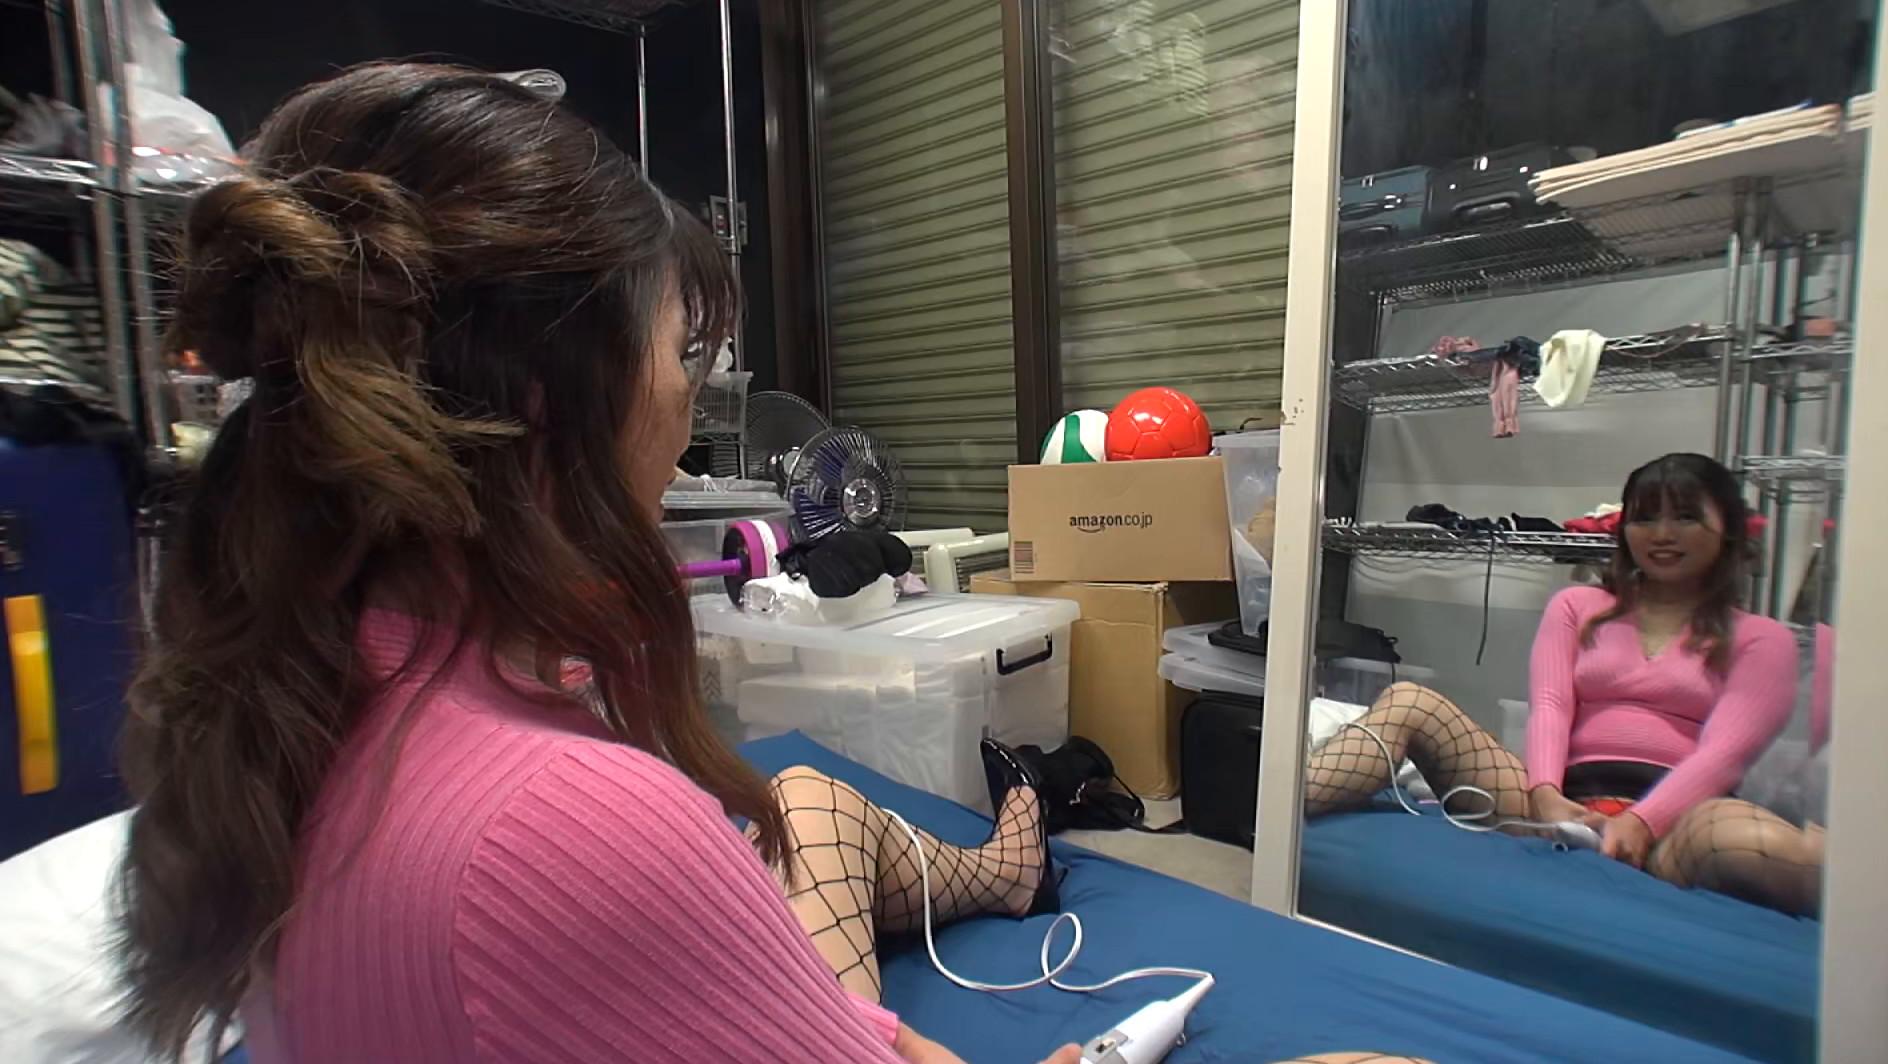 【個人撮影】助手席でオナニーする欲求不満な淫乱美女 旦那には内緒でハメ撮りデート 画像4